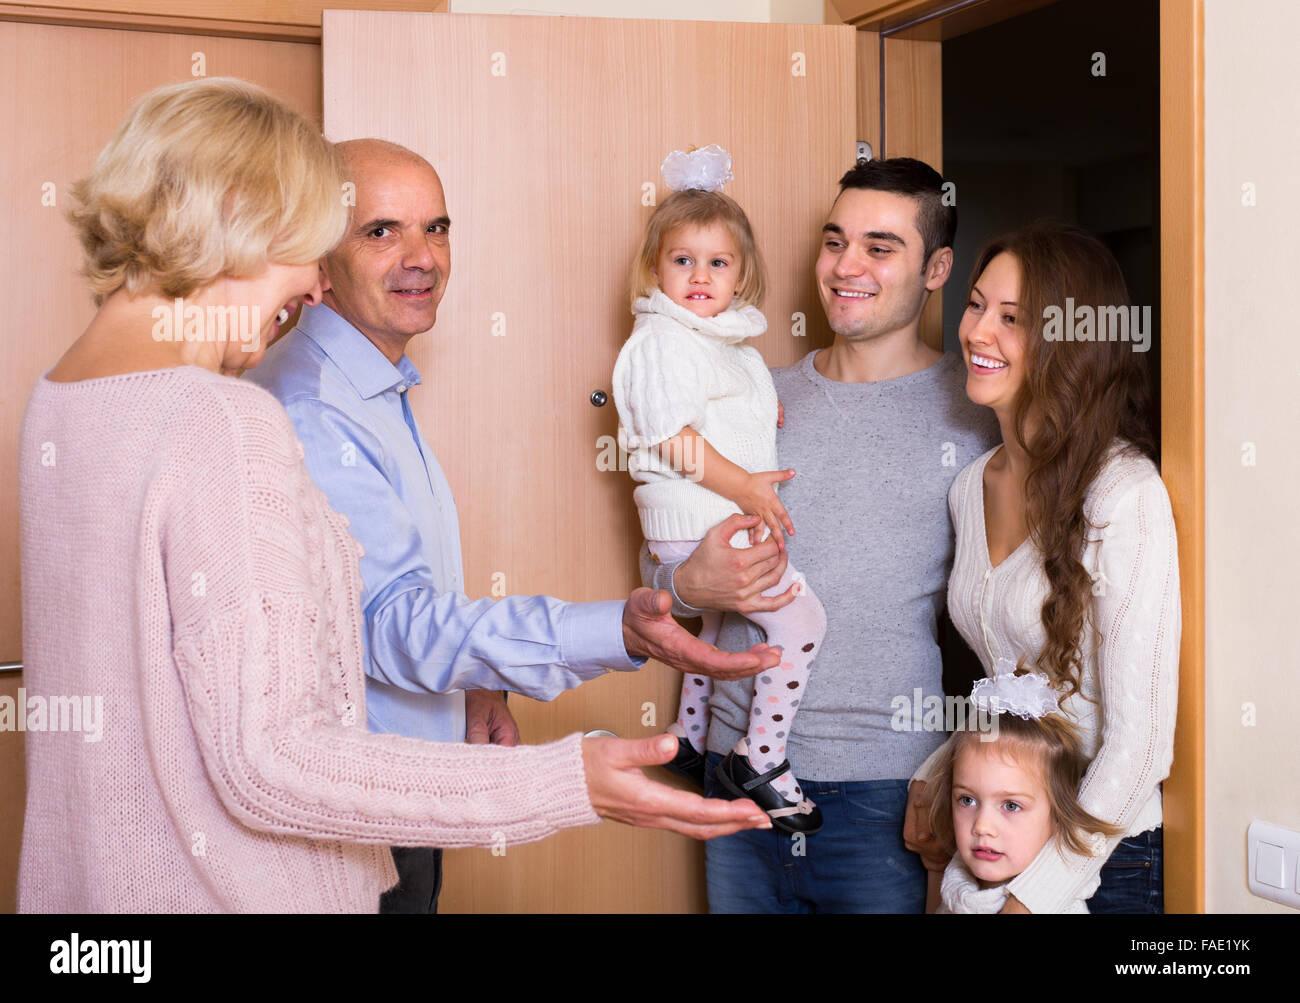 Felice Coppia matura incontro bambini e grand i bambini a pochi passi Immagini Stock